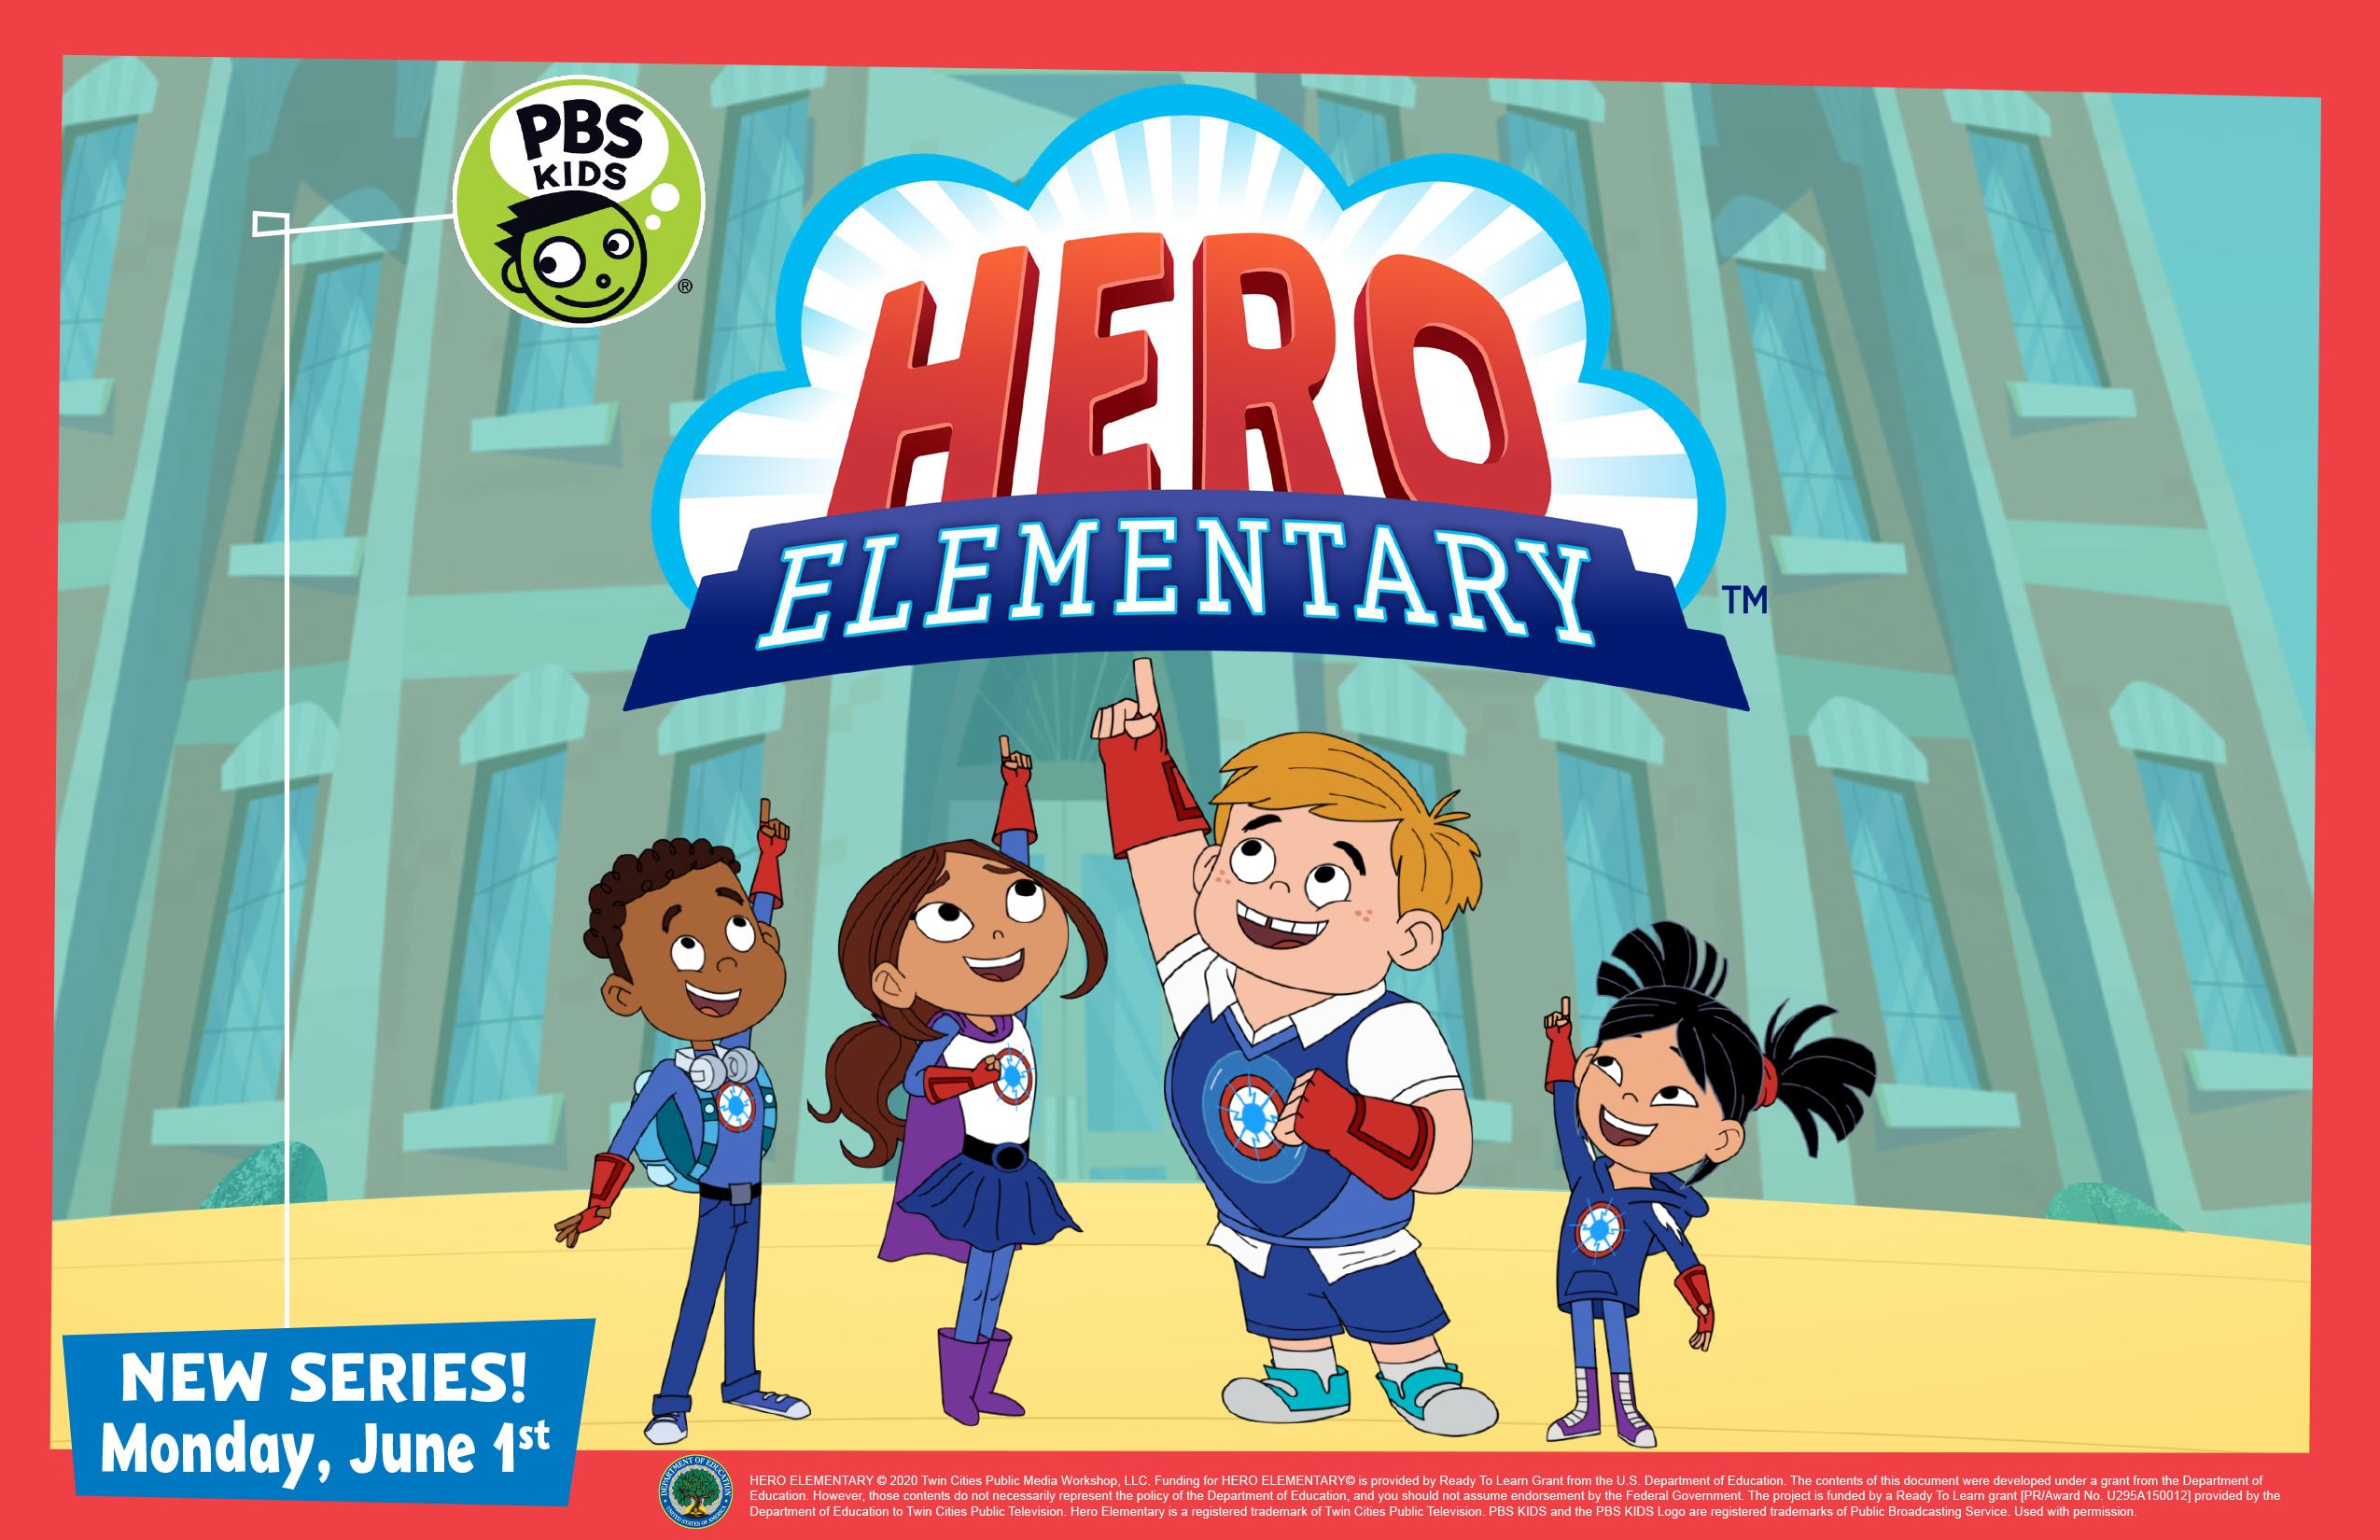 Hero Elementary promotional image